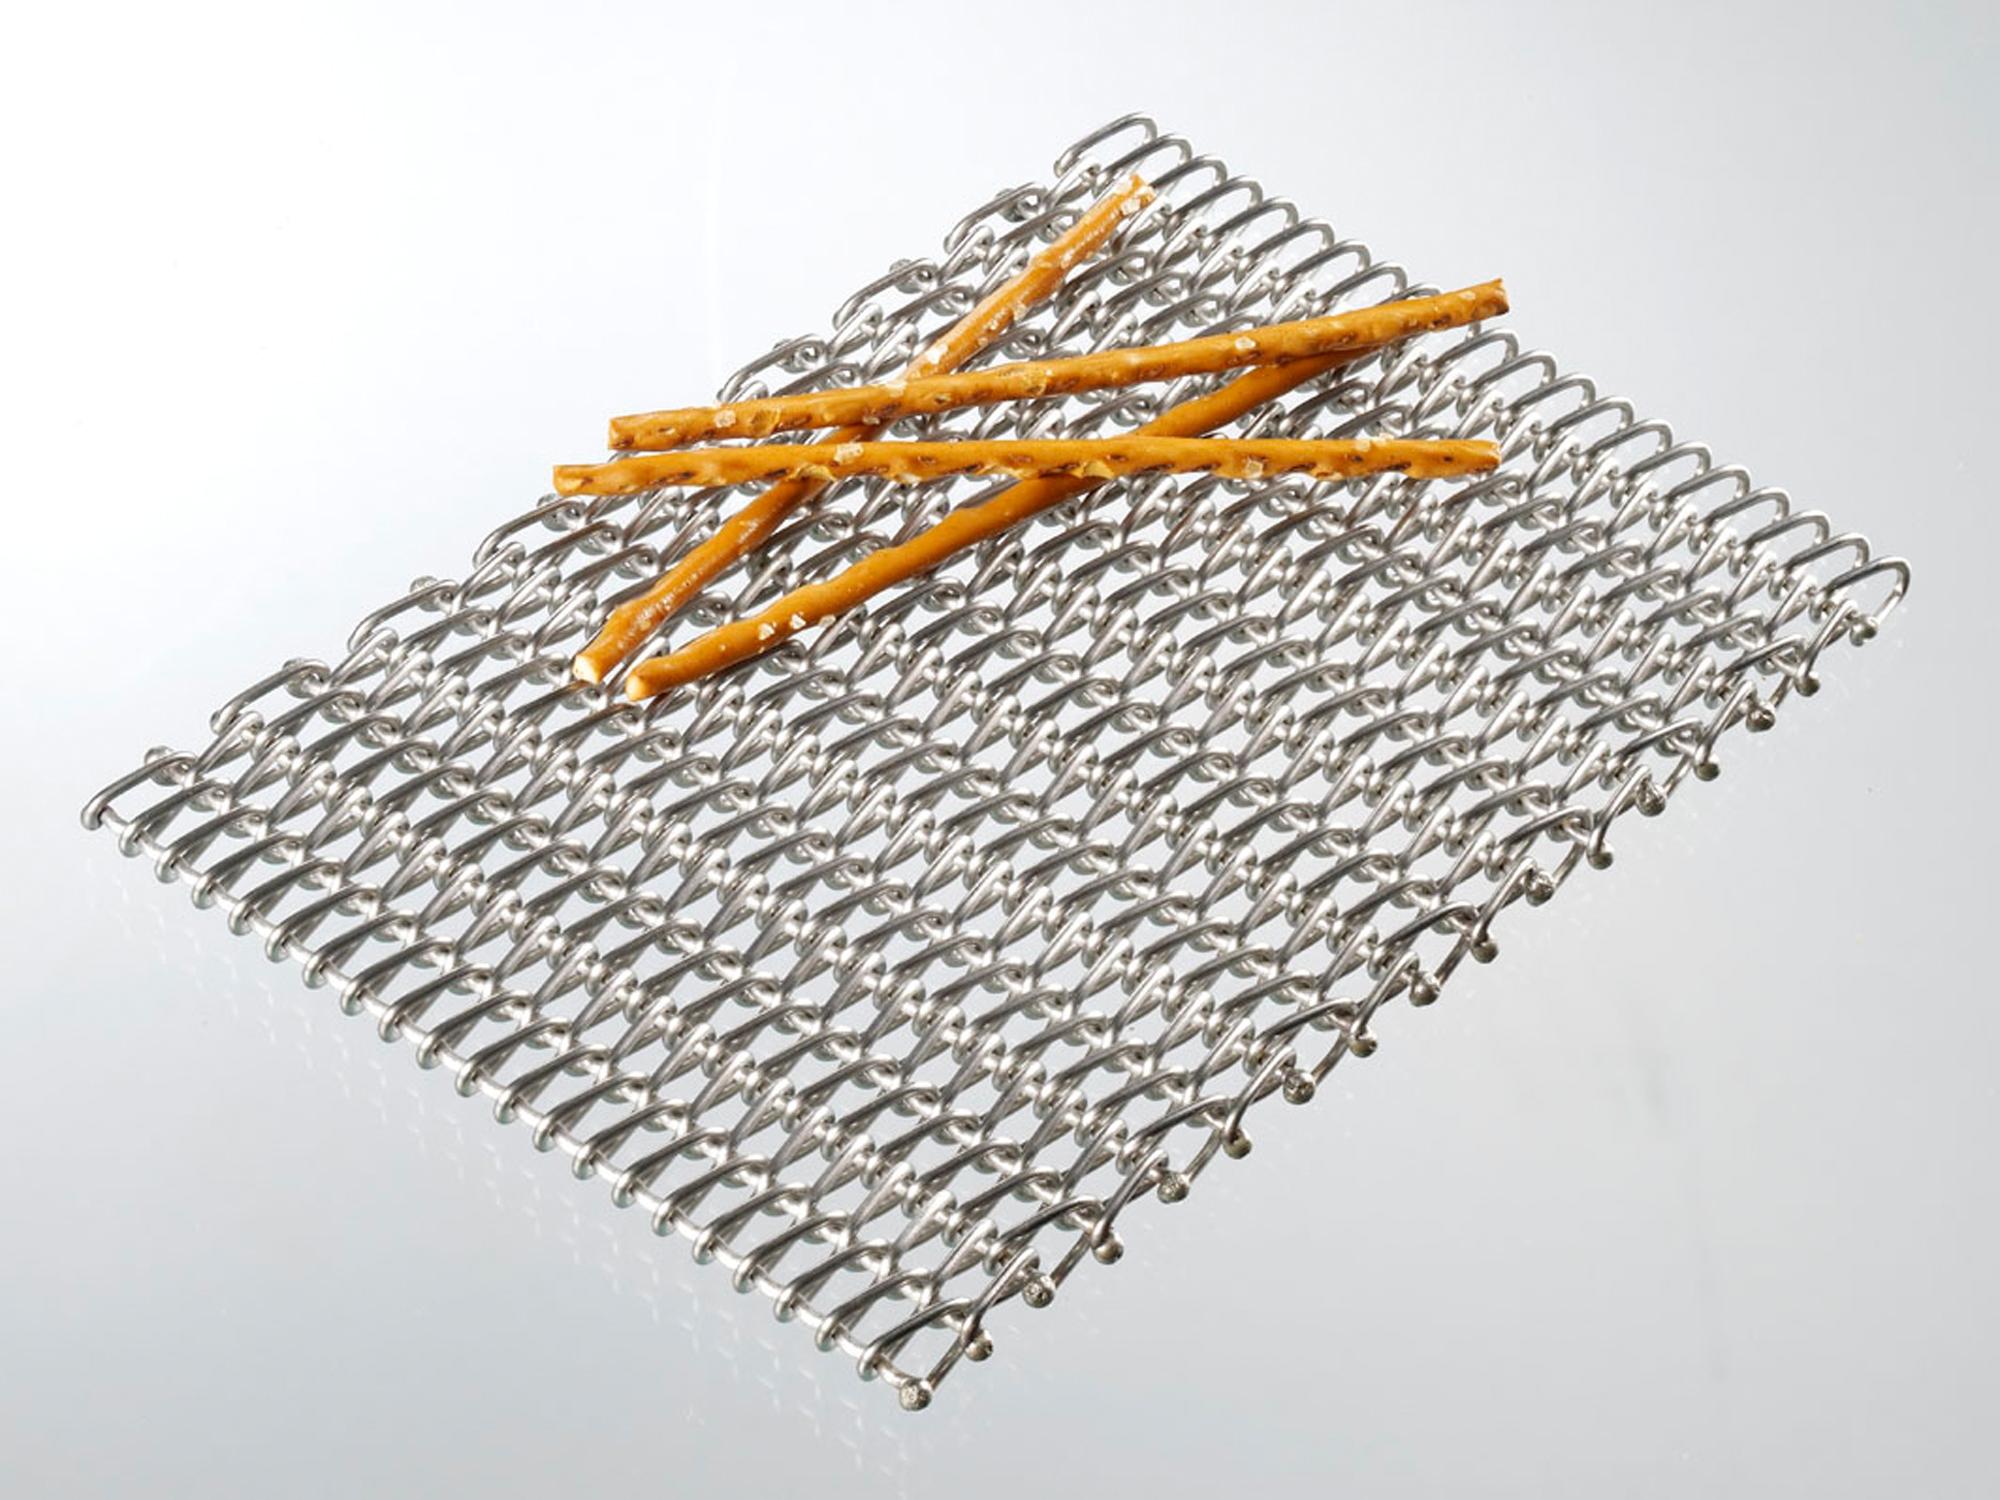 STEINHAUS Braided link belt of Group 400